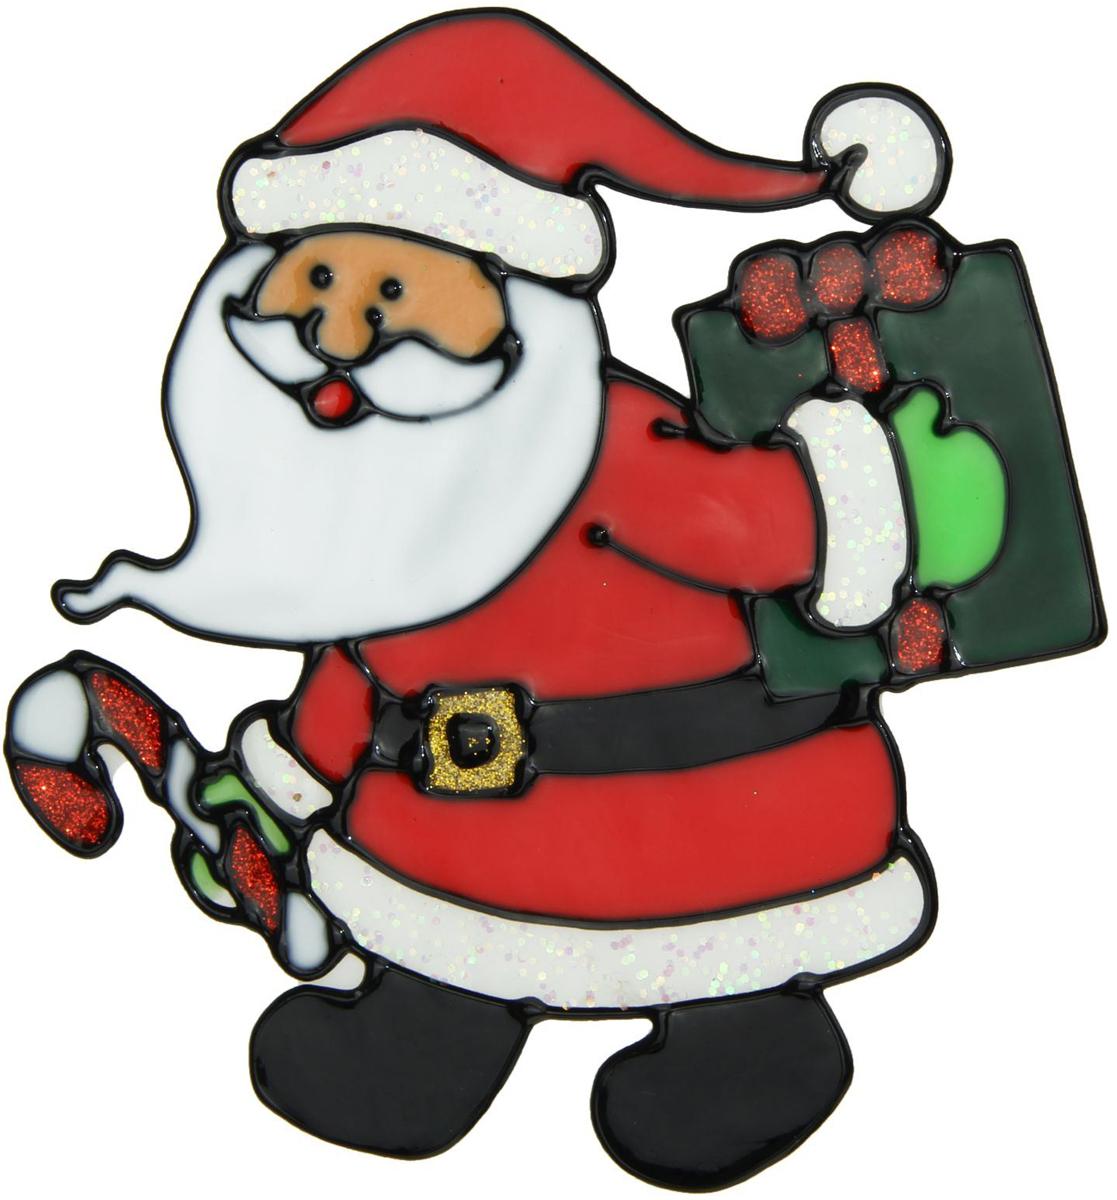 Украшение новогоднее оконное Дед Мороз с подарком за спиной, 13,5 х 13,5 см1399706Новогоднее оконное украшение Дед Мороз с подарком за спиной поможет украсить дом кпредстоящим праздникам. Яркая наклейка крепится к гладкой поверхности стекла посредствомстатического эффекта. С помощью такого украшения вы сможете оживить интерьер по своемувкусу. Новогодние украшения всегда несут в себе волшебство и красоту праздника. Создайте в своемдоме атмосферу тепла, веселья и радости, украшая его всей семьей.